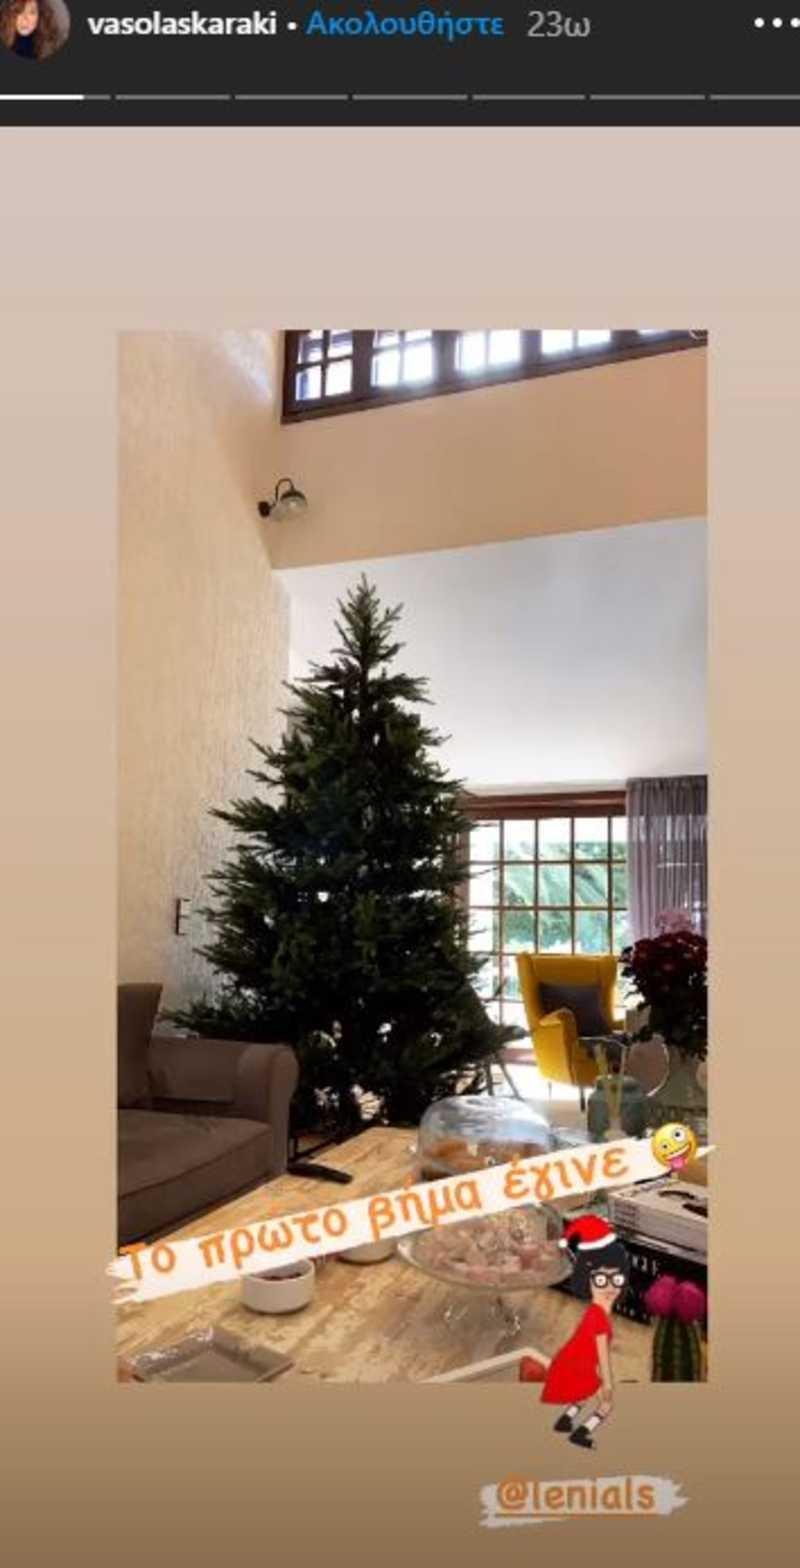 Βάσω Λασκαράκη Λευτέρης Σουλτάτος σπίτι χριστουγεννιάτικο δέντρο